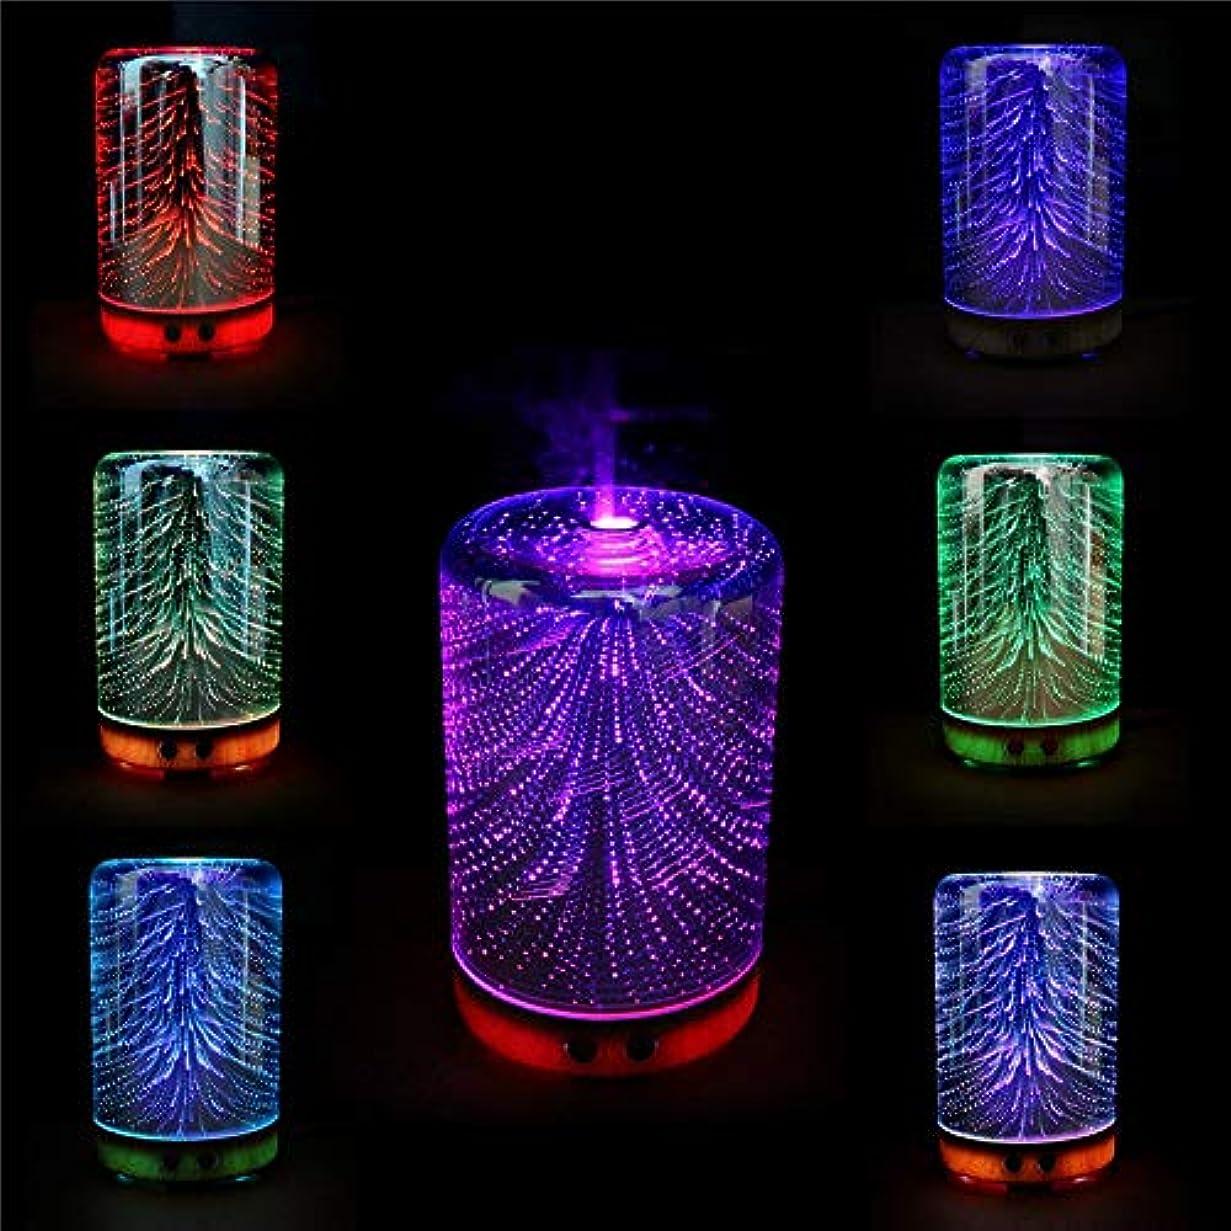 変える存在釈義LYEJM Color Changing 3D Lighting Essential Oil Aroma Diffuser Ultrasonic Mist Humidifier Aromatherapy 141[並行輸入]